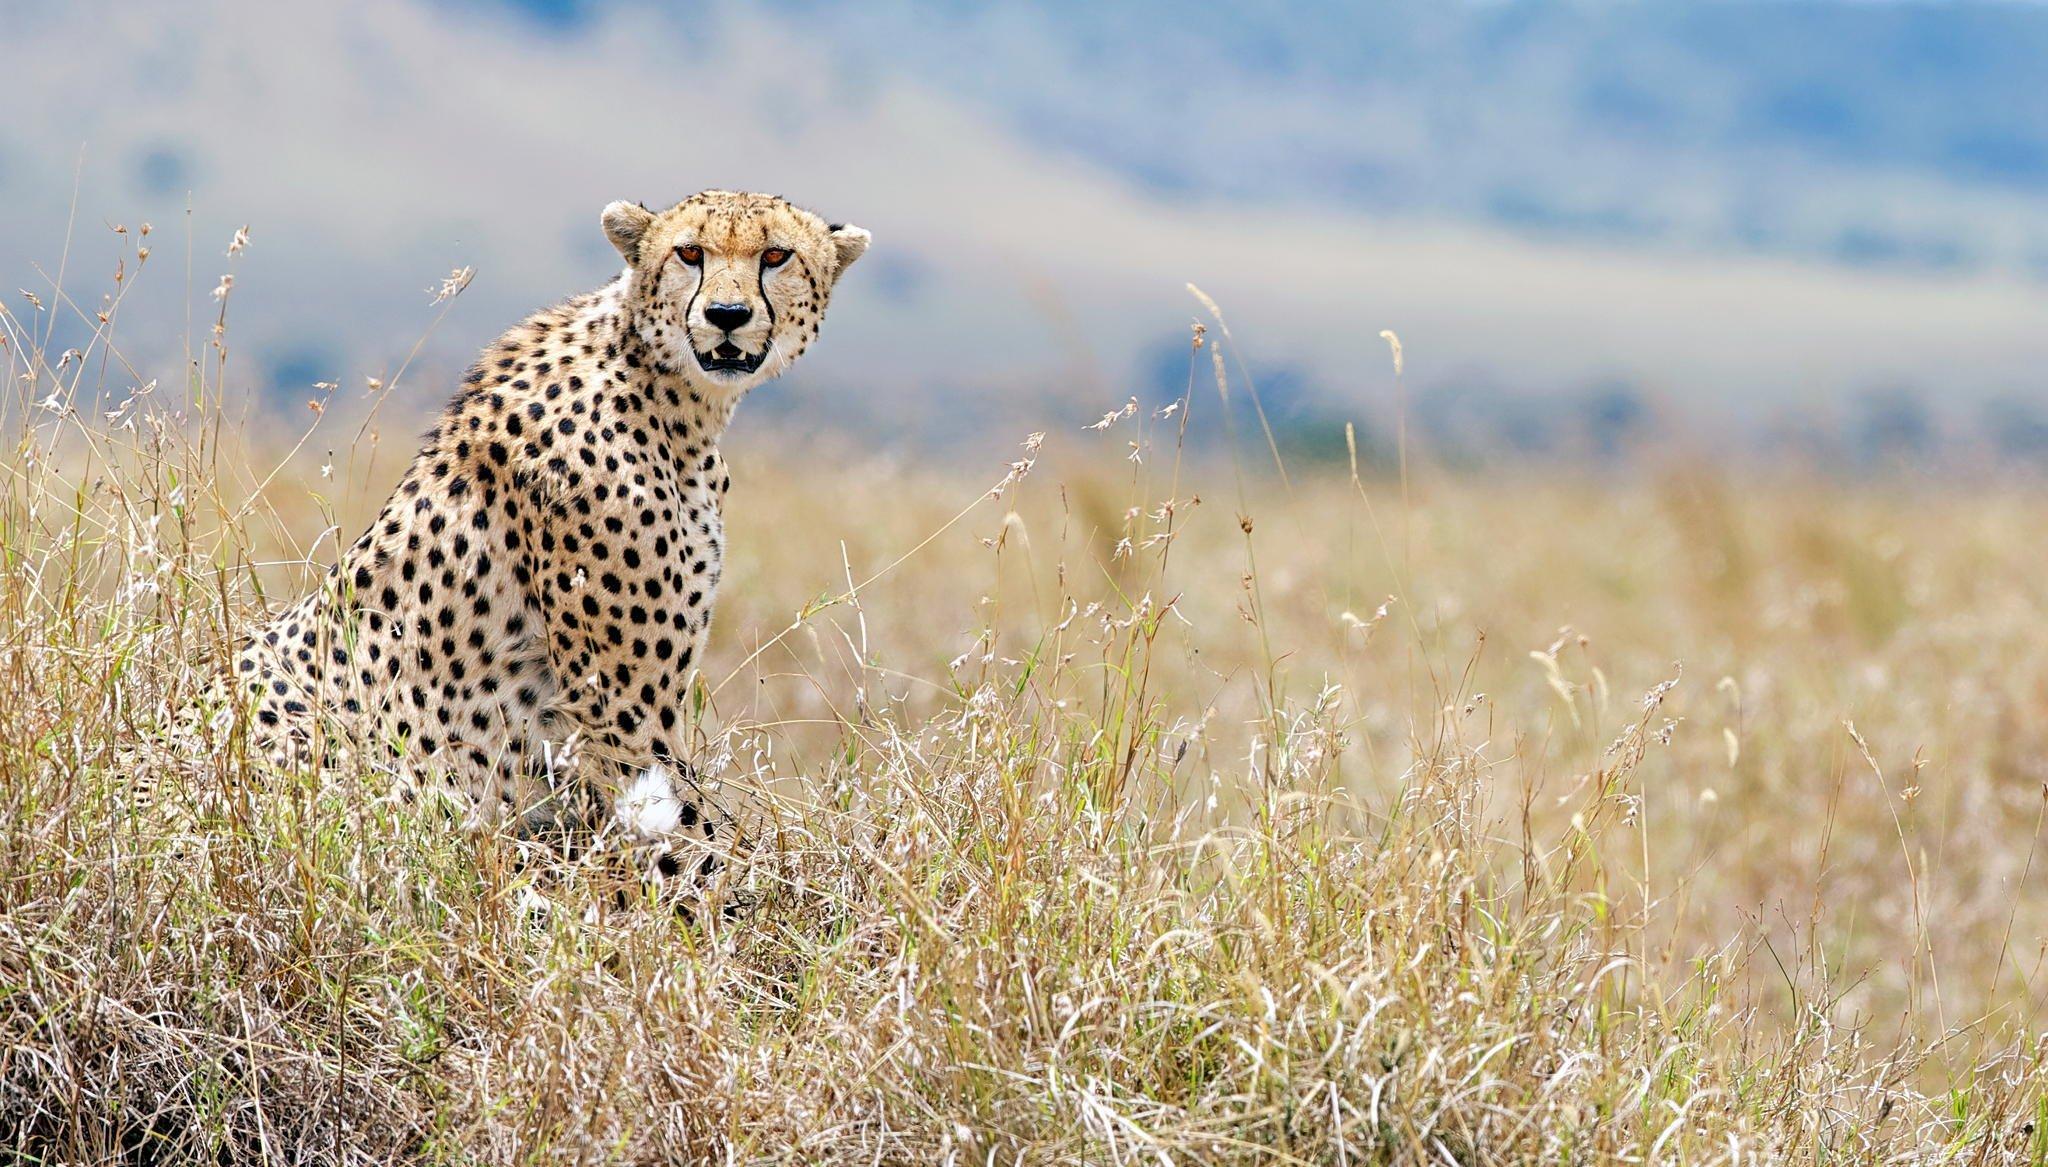 природа животные гепарды без смс